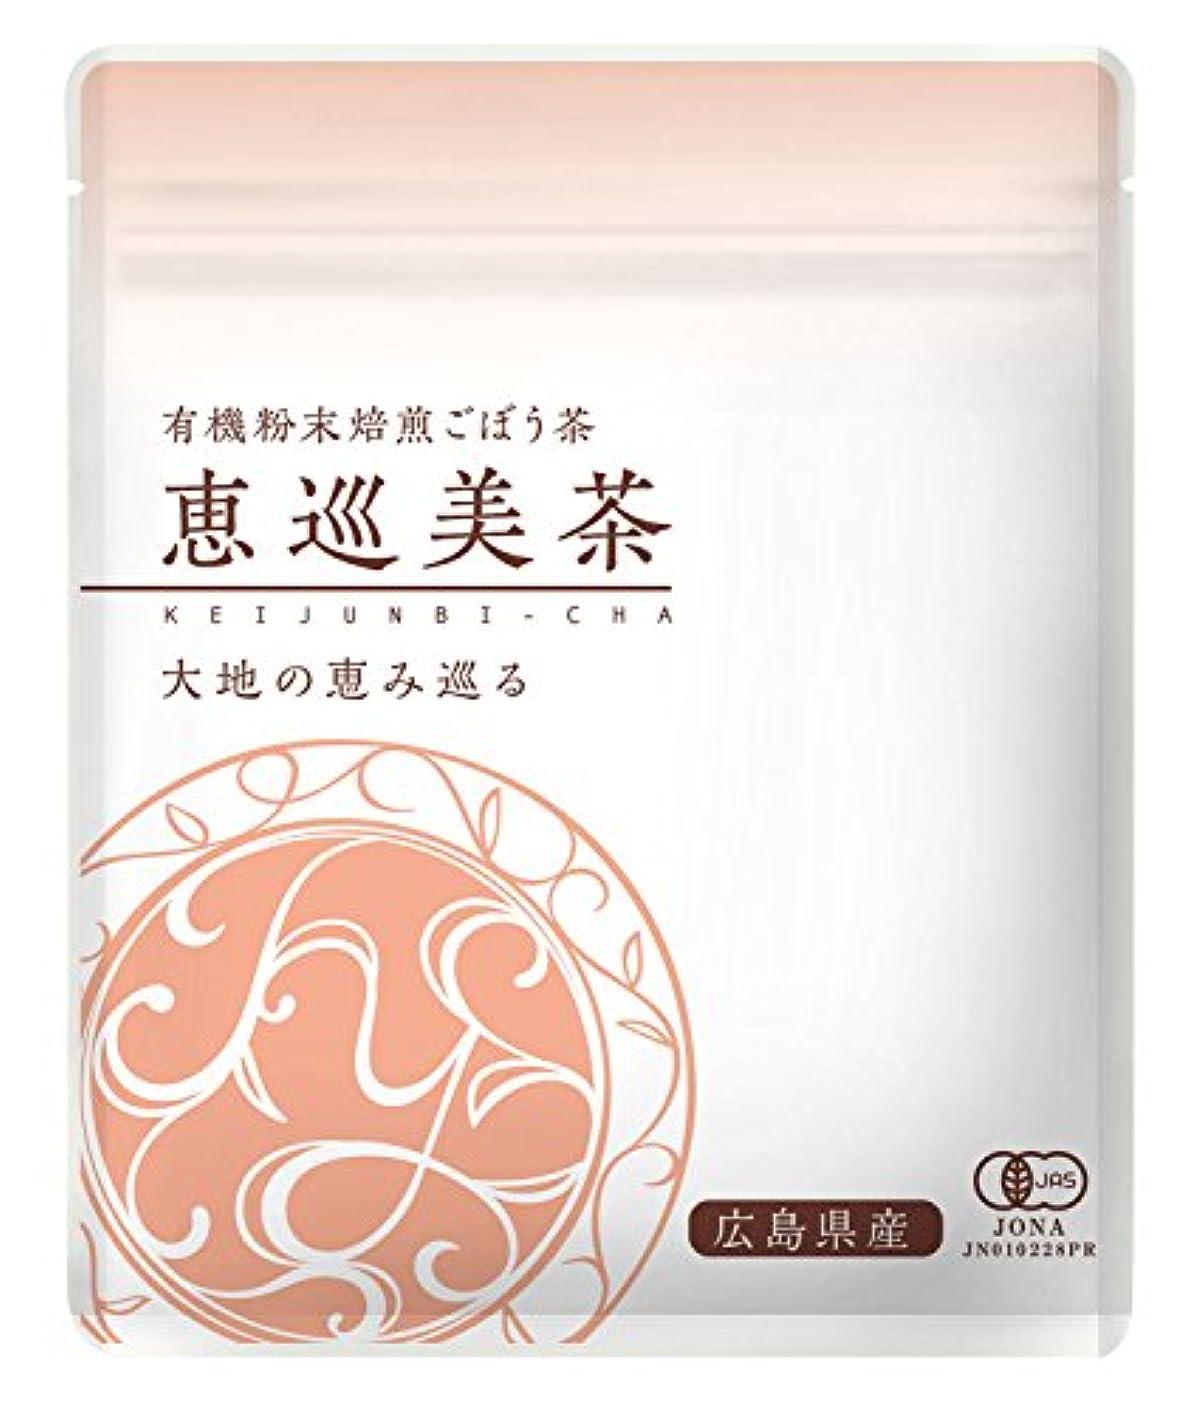 マーティフィールディング湿度機械的こだま食品 恵巡美茶有機粉末焙煎ごぼう茶 2g×15包 302037009